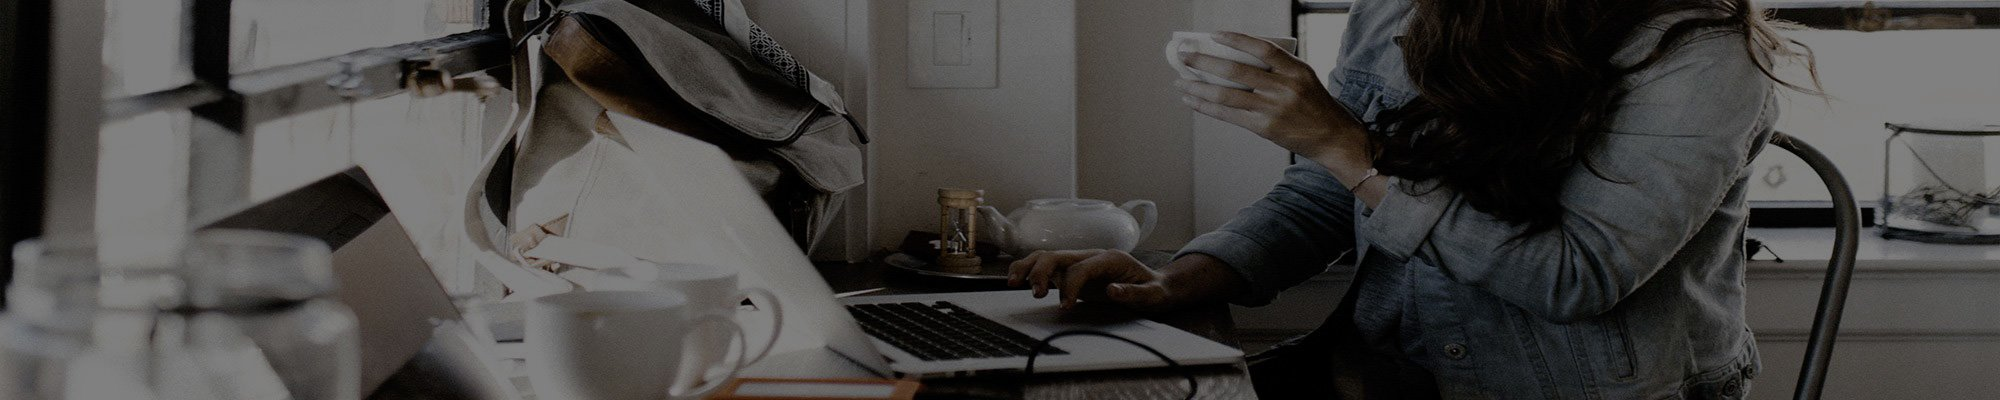 Find a partner for simple web integration